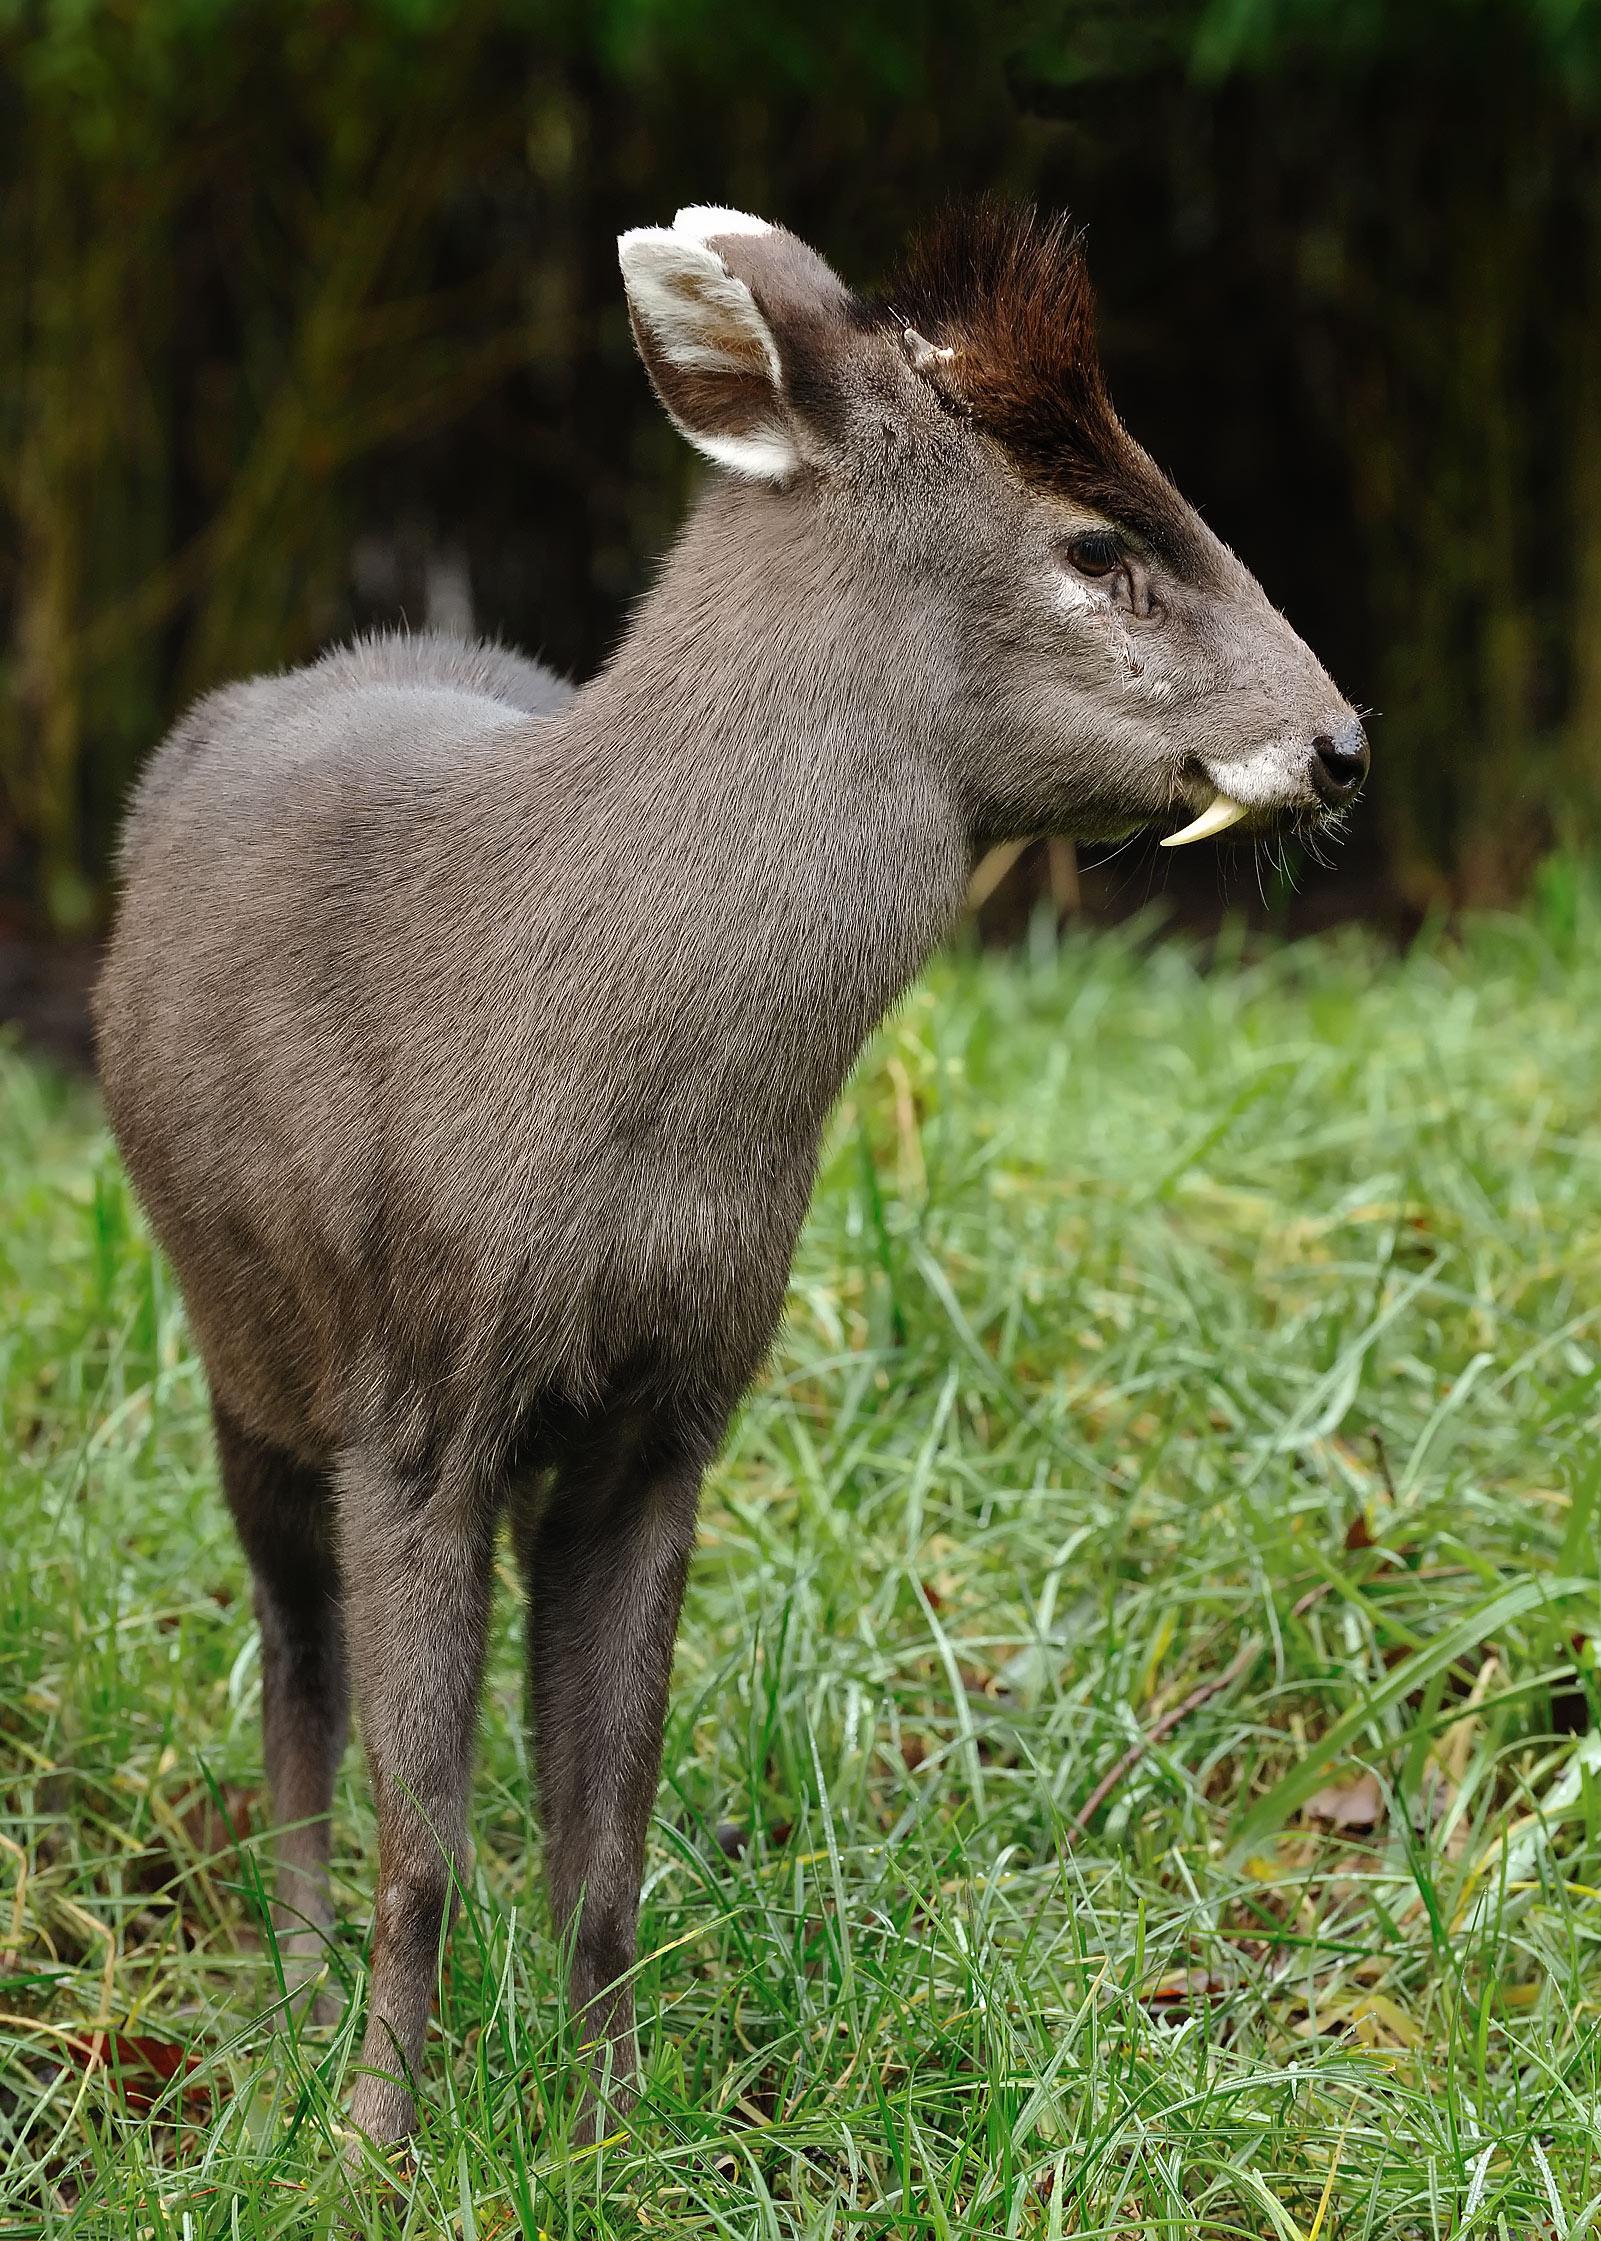 nublar tufted deer jurassic park wiki fandom powered by wikia